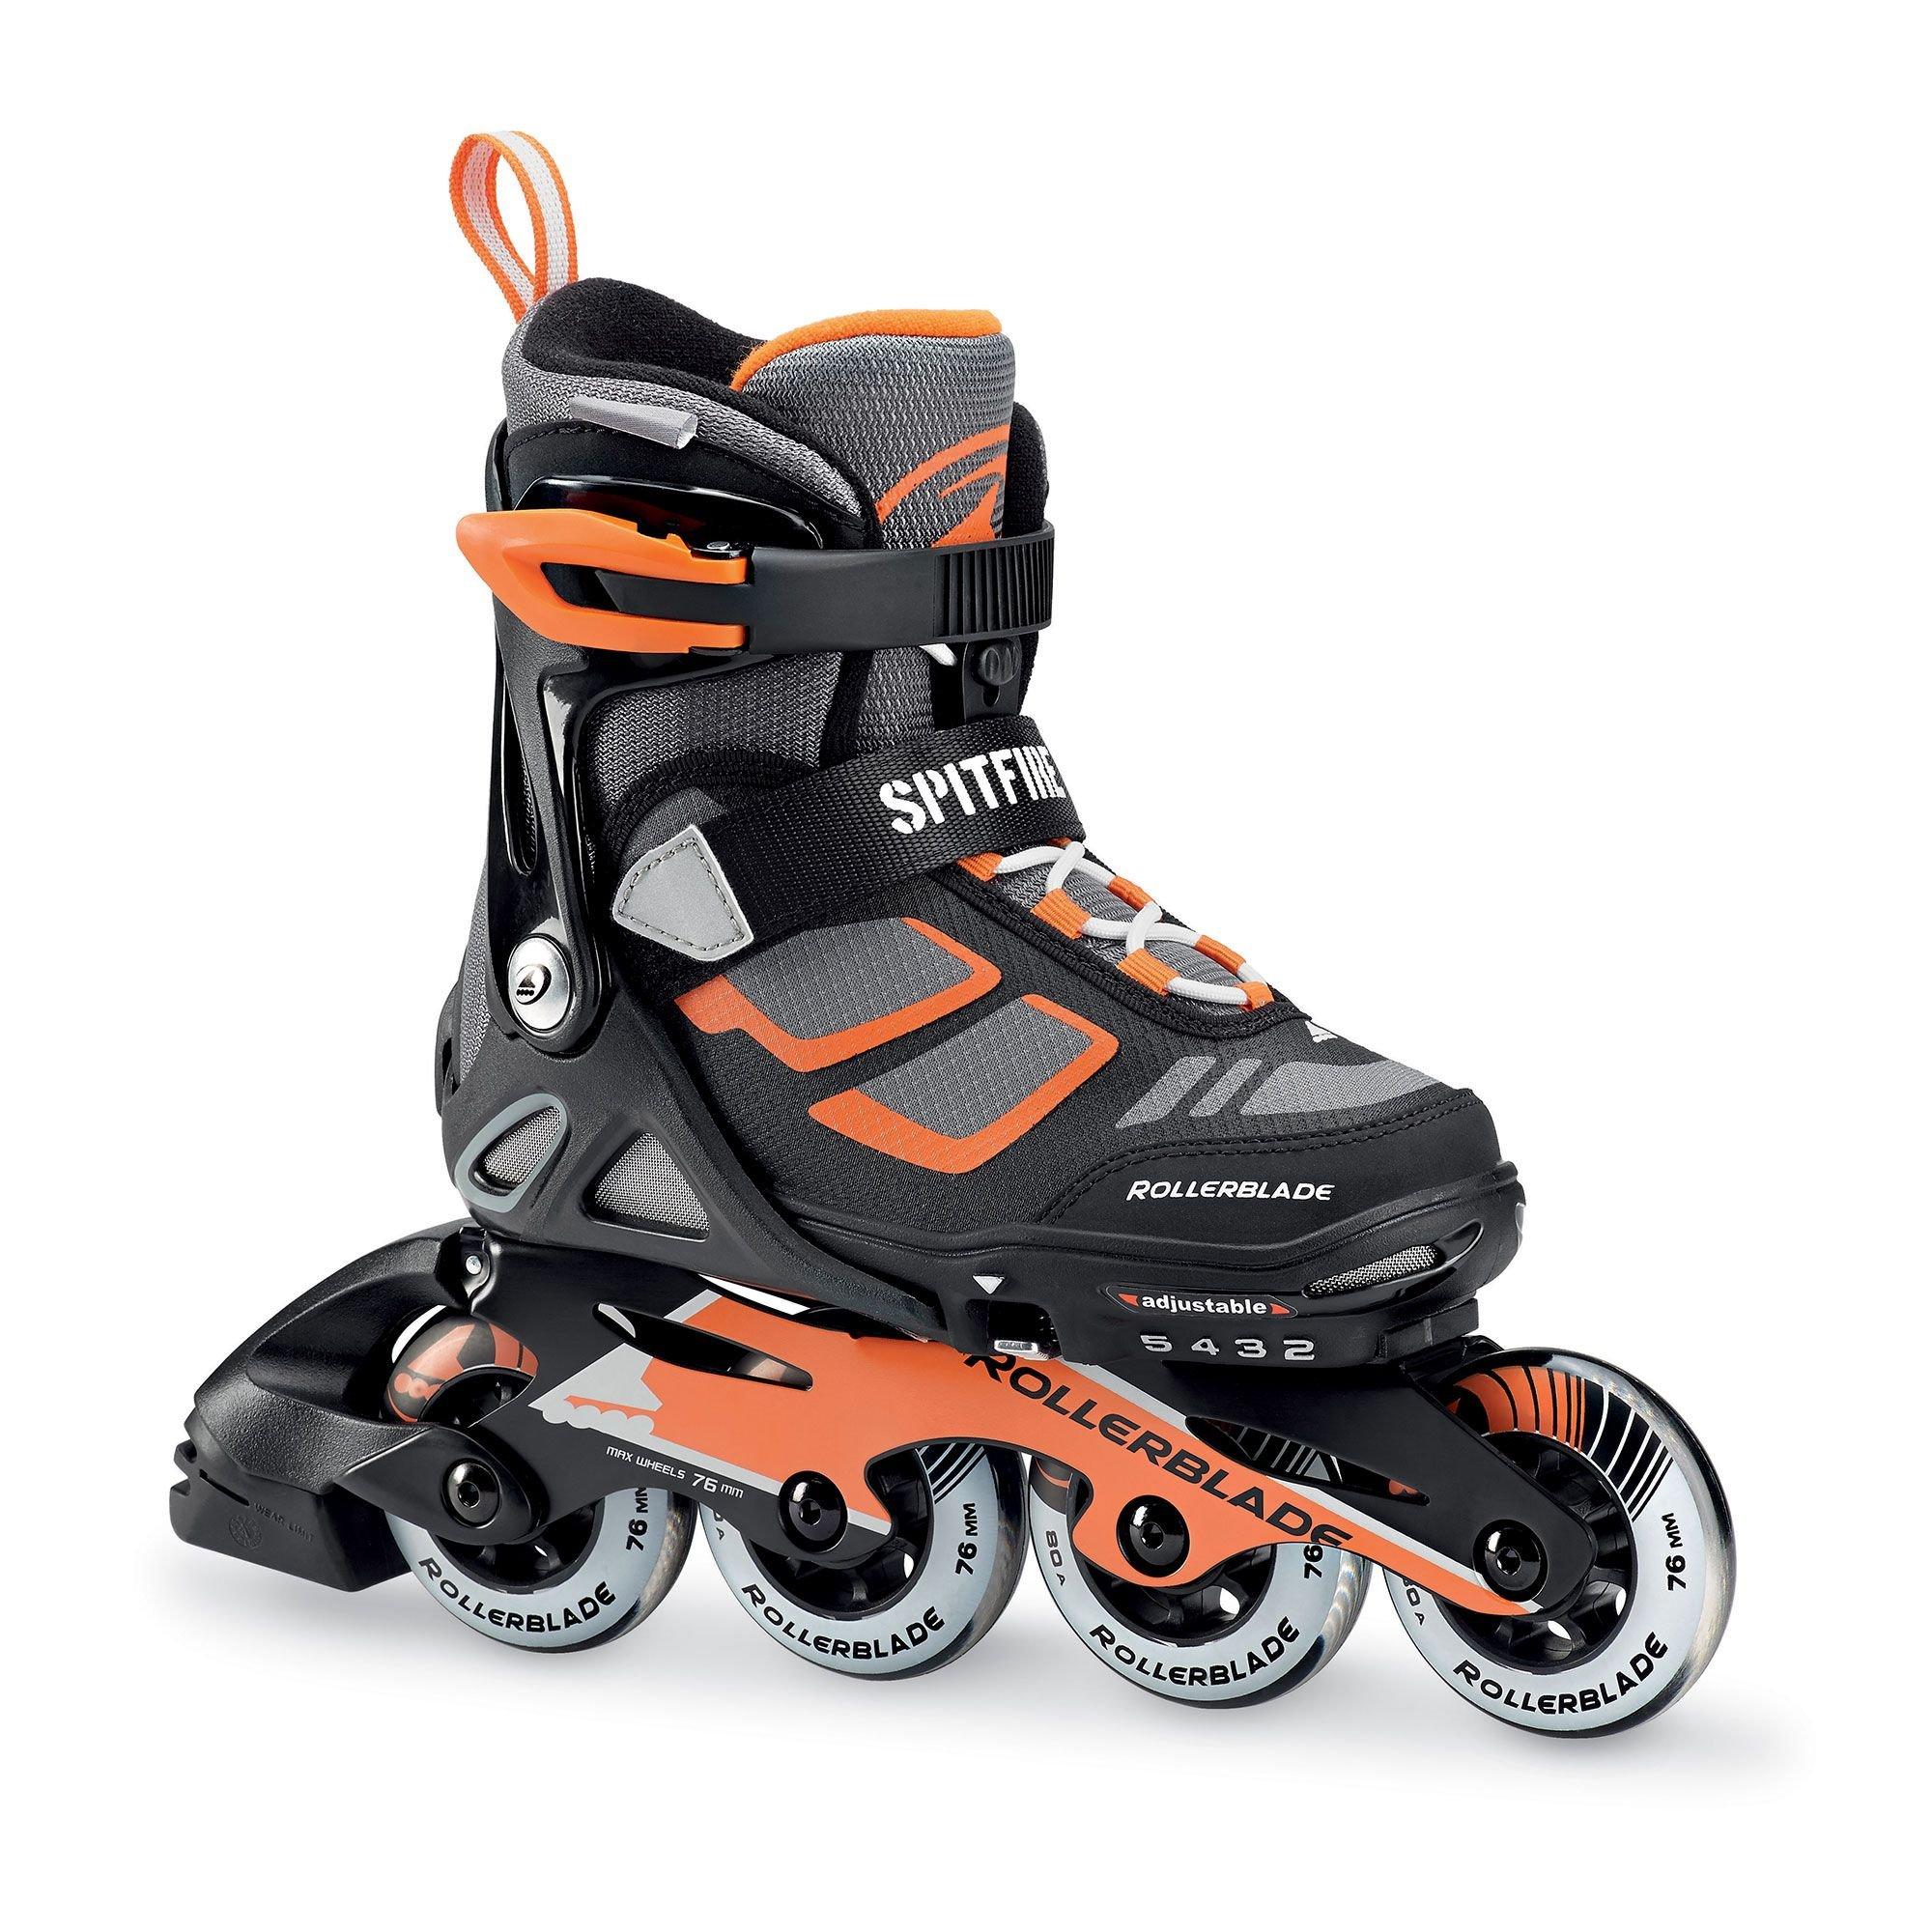 Rollerblade Spitfire LX Kids 4 Full Sizes Inline Skates, Black/Orange, Adjustable Size 5 To 8